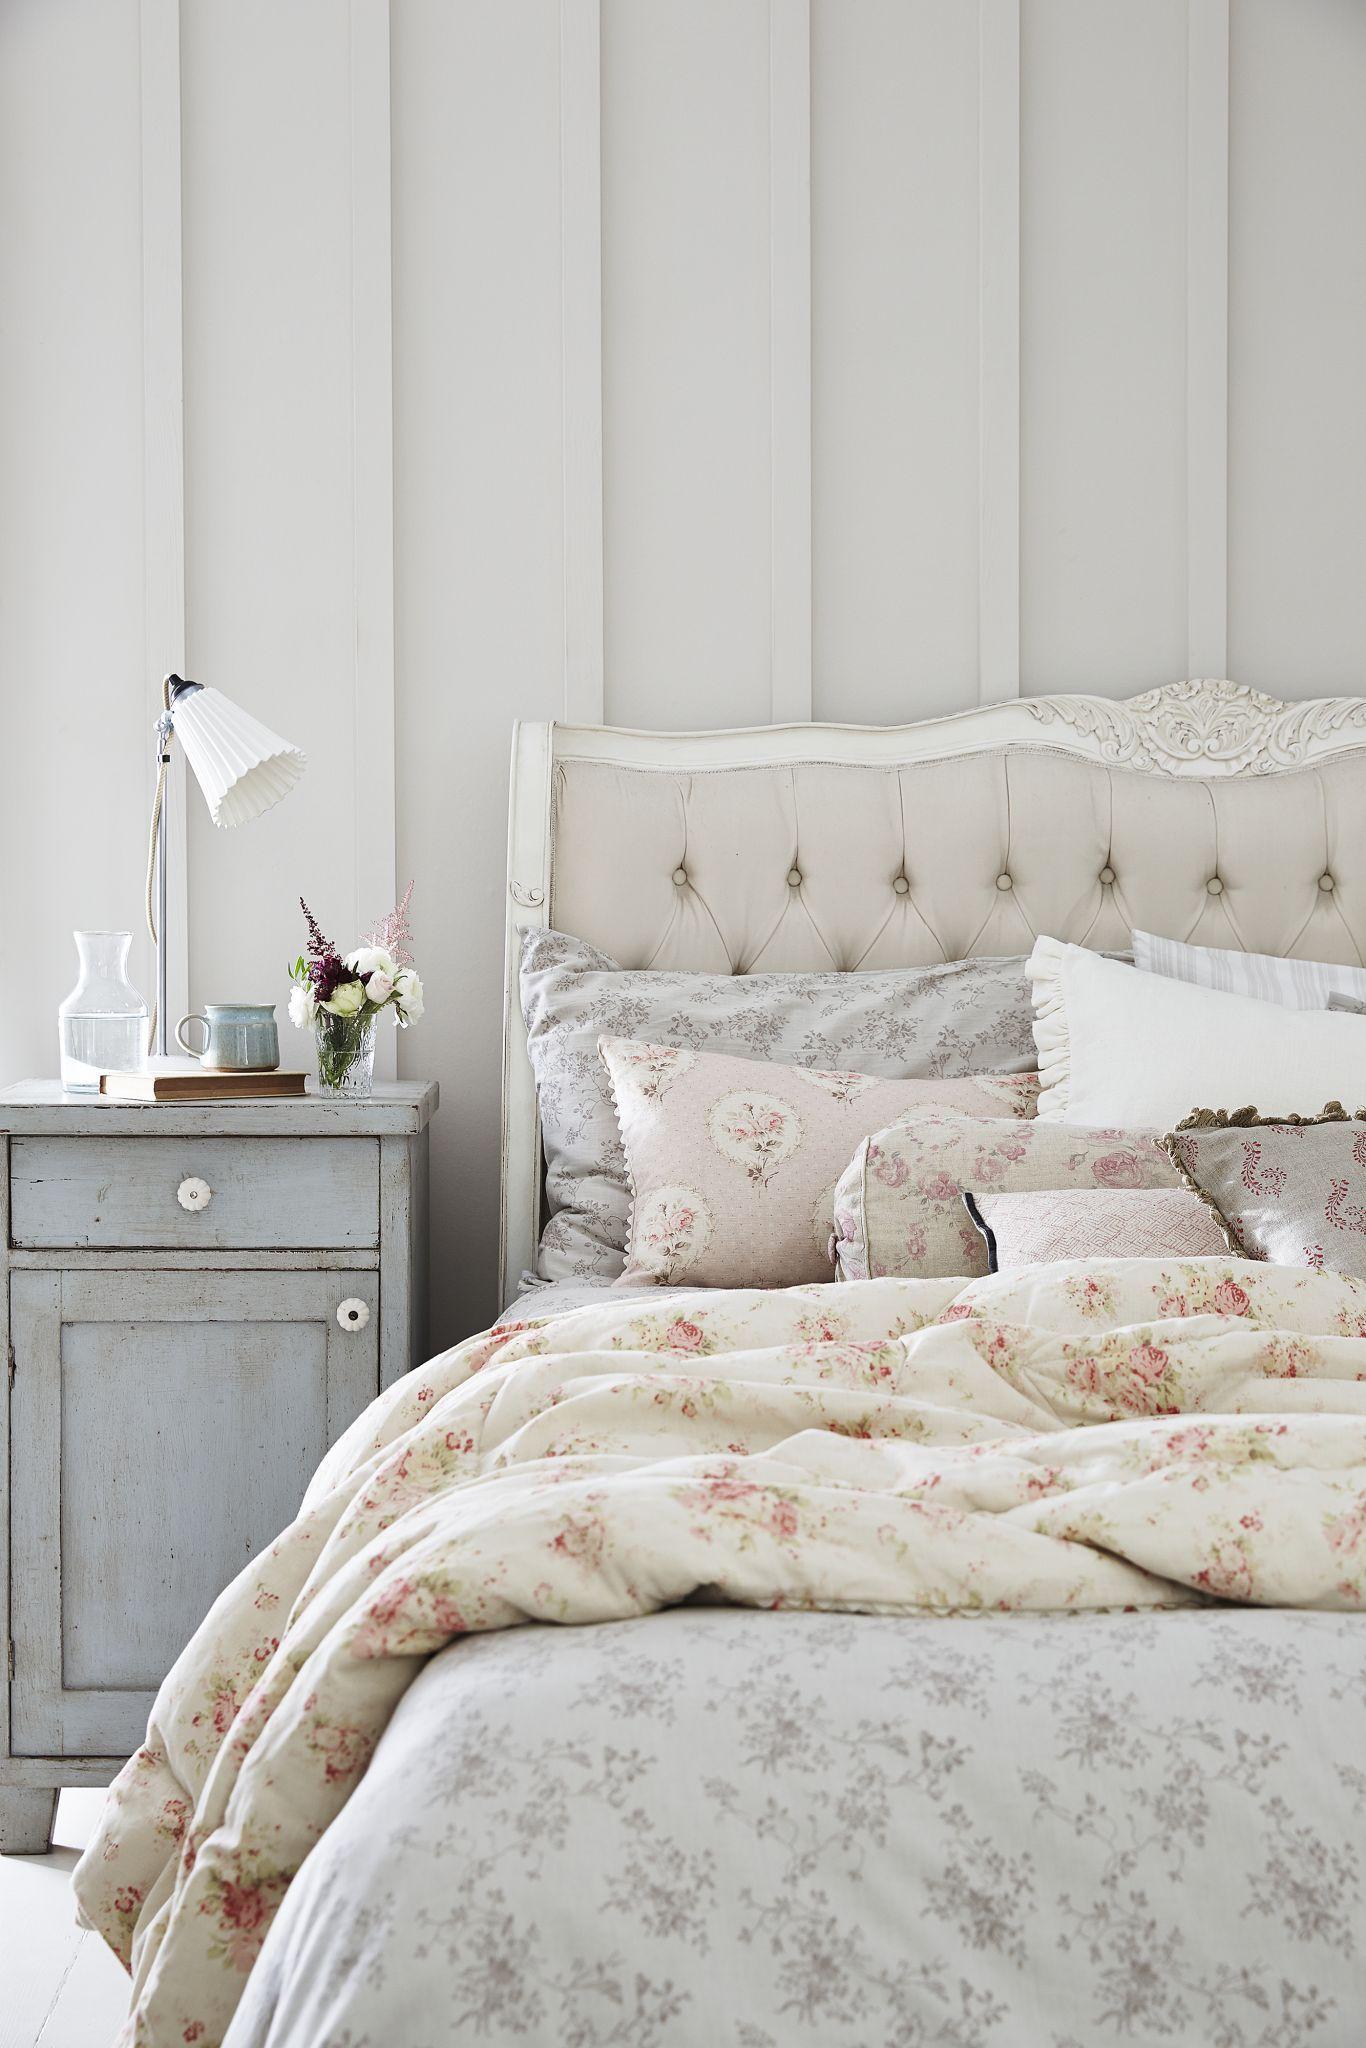 La camera da letto in stile francese | Casas | Camera da letto ...